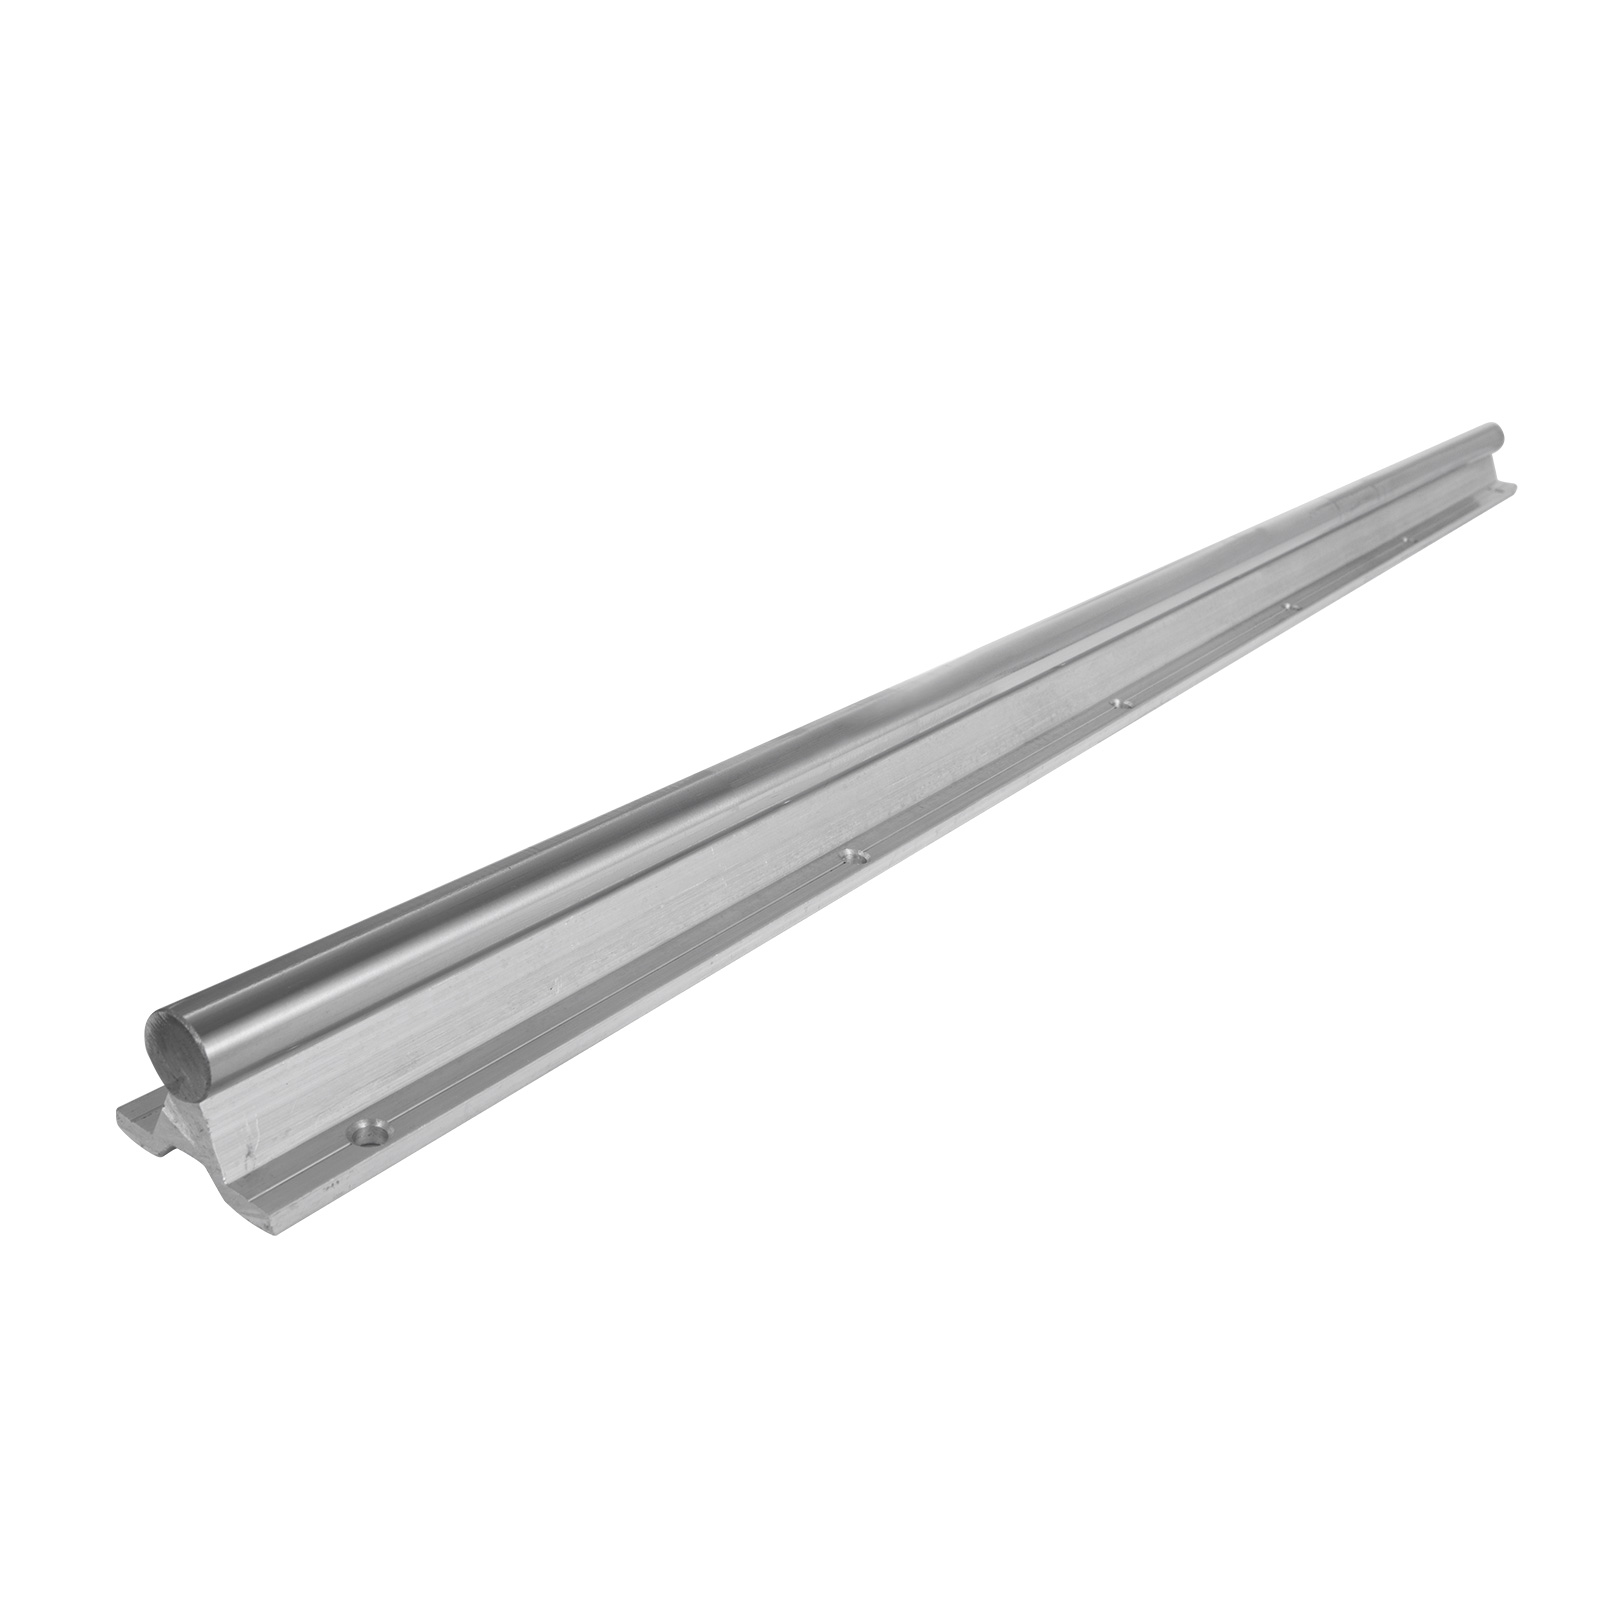 2X SBR25 530-1200mm Linear Rail Fully Supported Shaft Rod with 4X SBR25UU Block